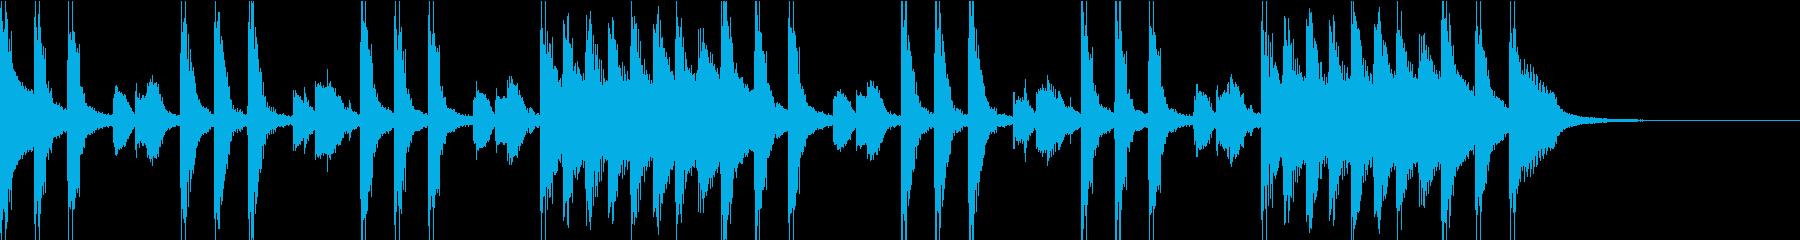 さわやか&軽やかなジングル01の再生済みの波形